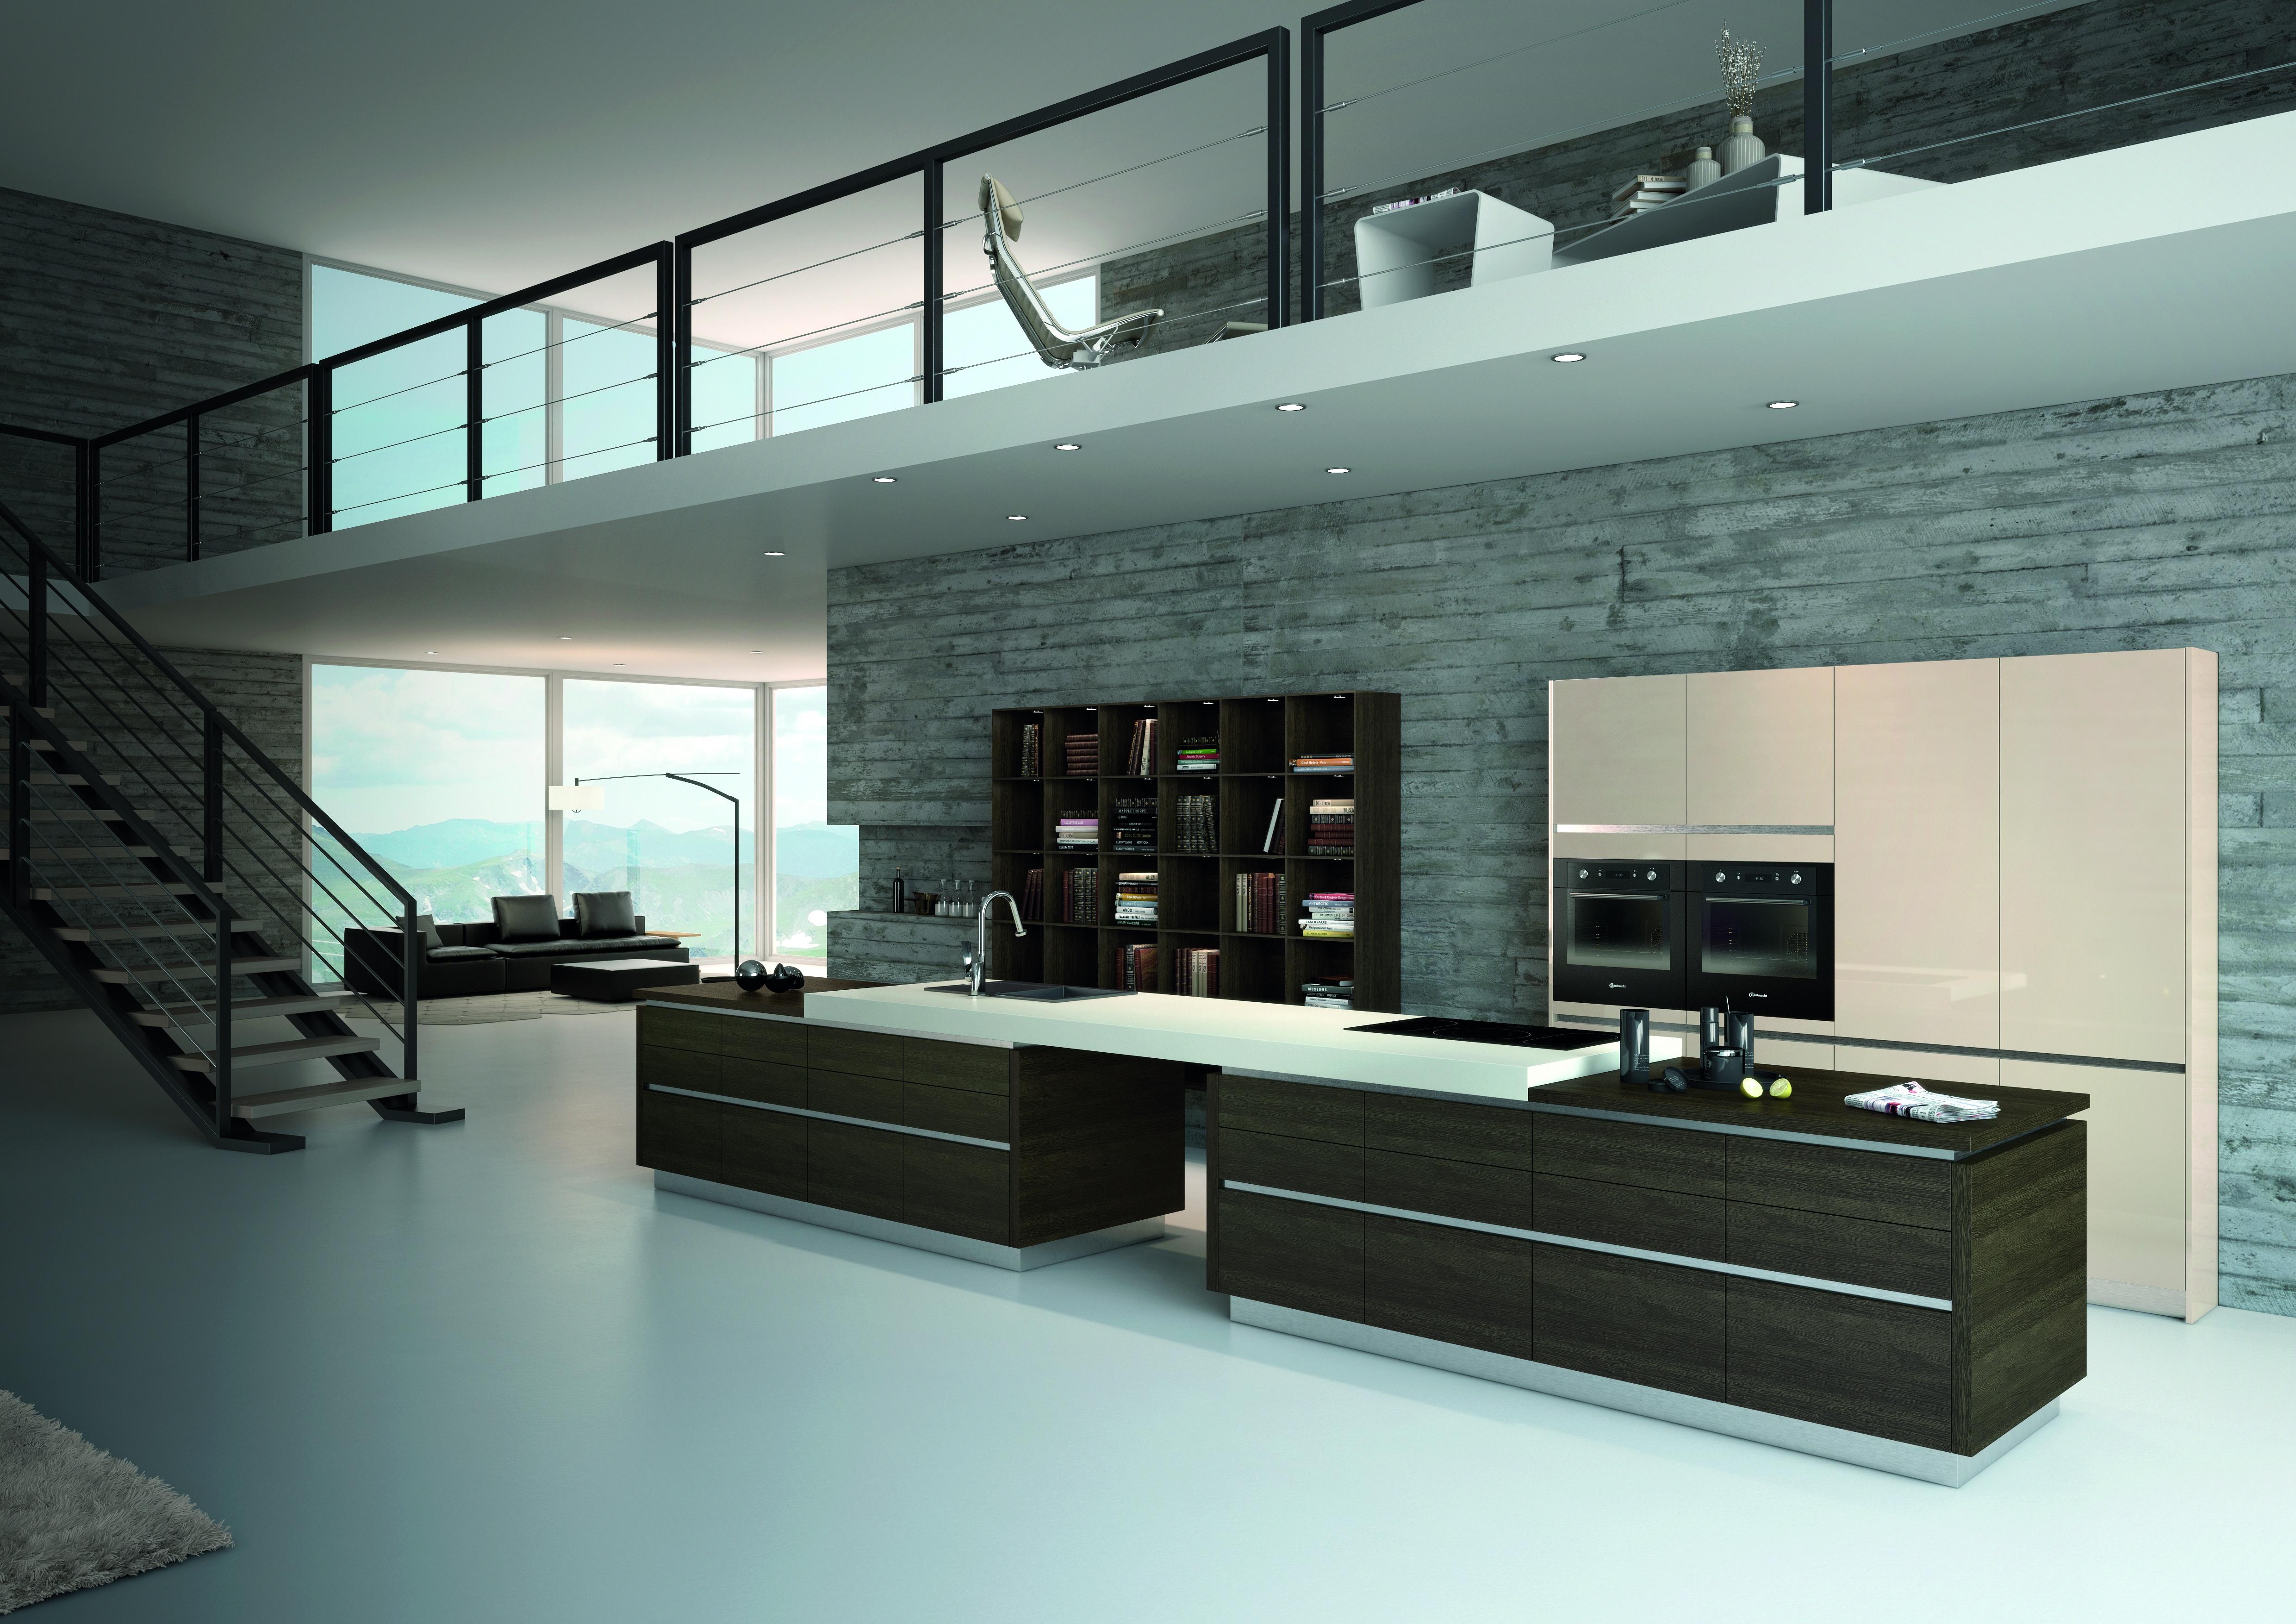 KENO RINO Eiche Wenge kitchen